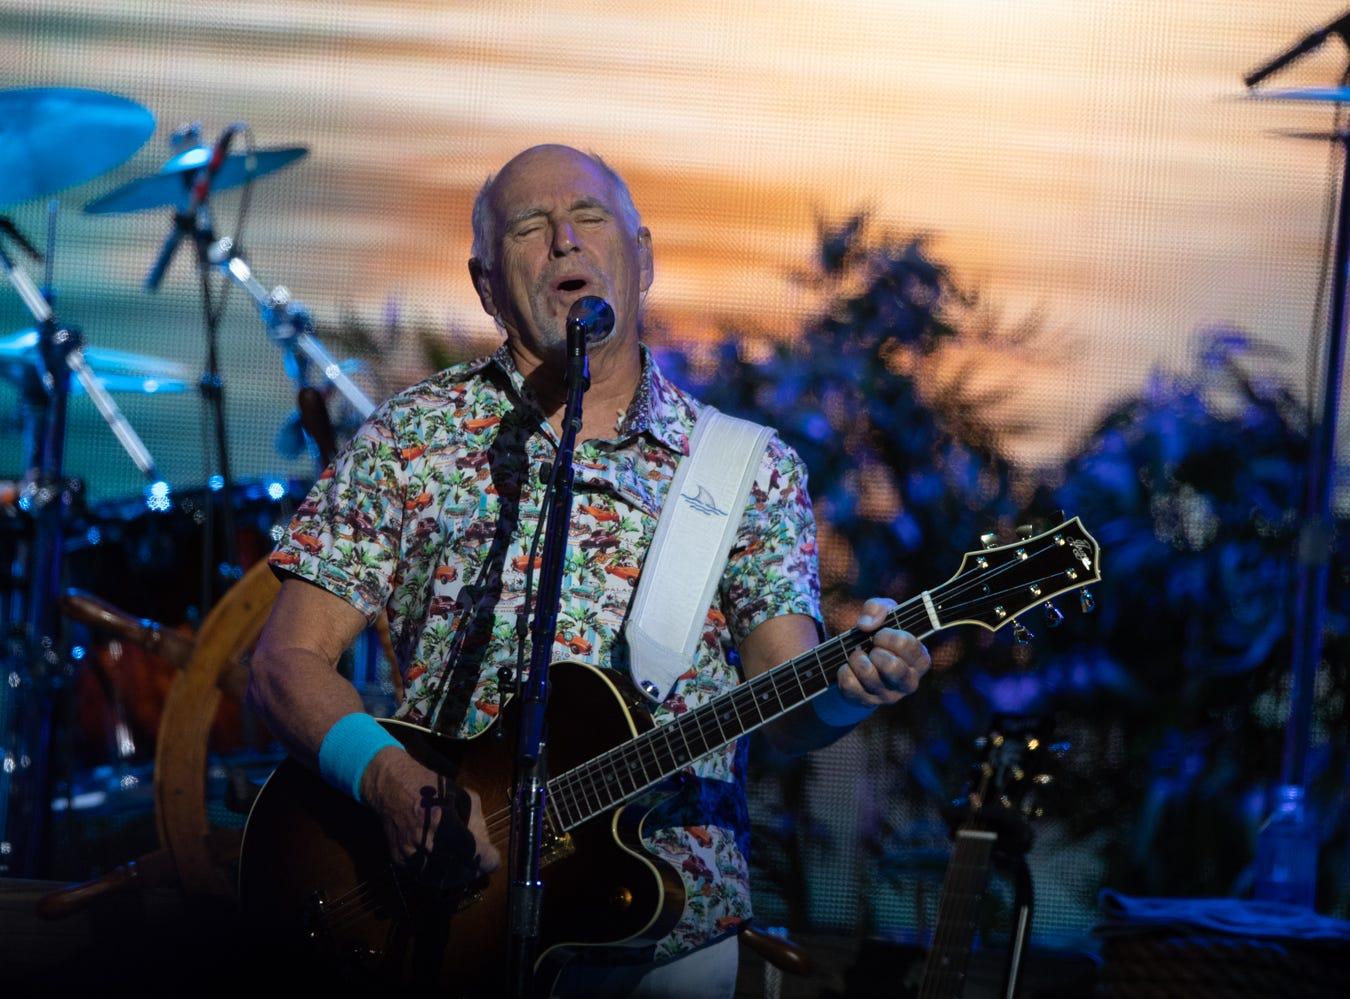 Jimmy Buffett performs at Talking Stick Resort Arena on Saturday, Oct. 13, 2018 in Phoenix.